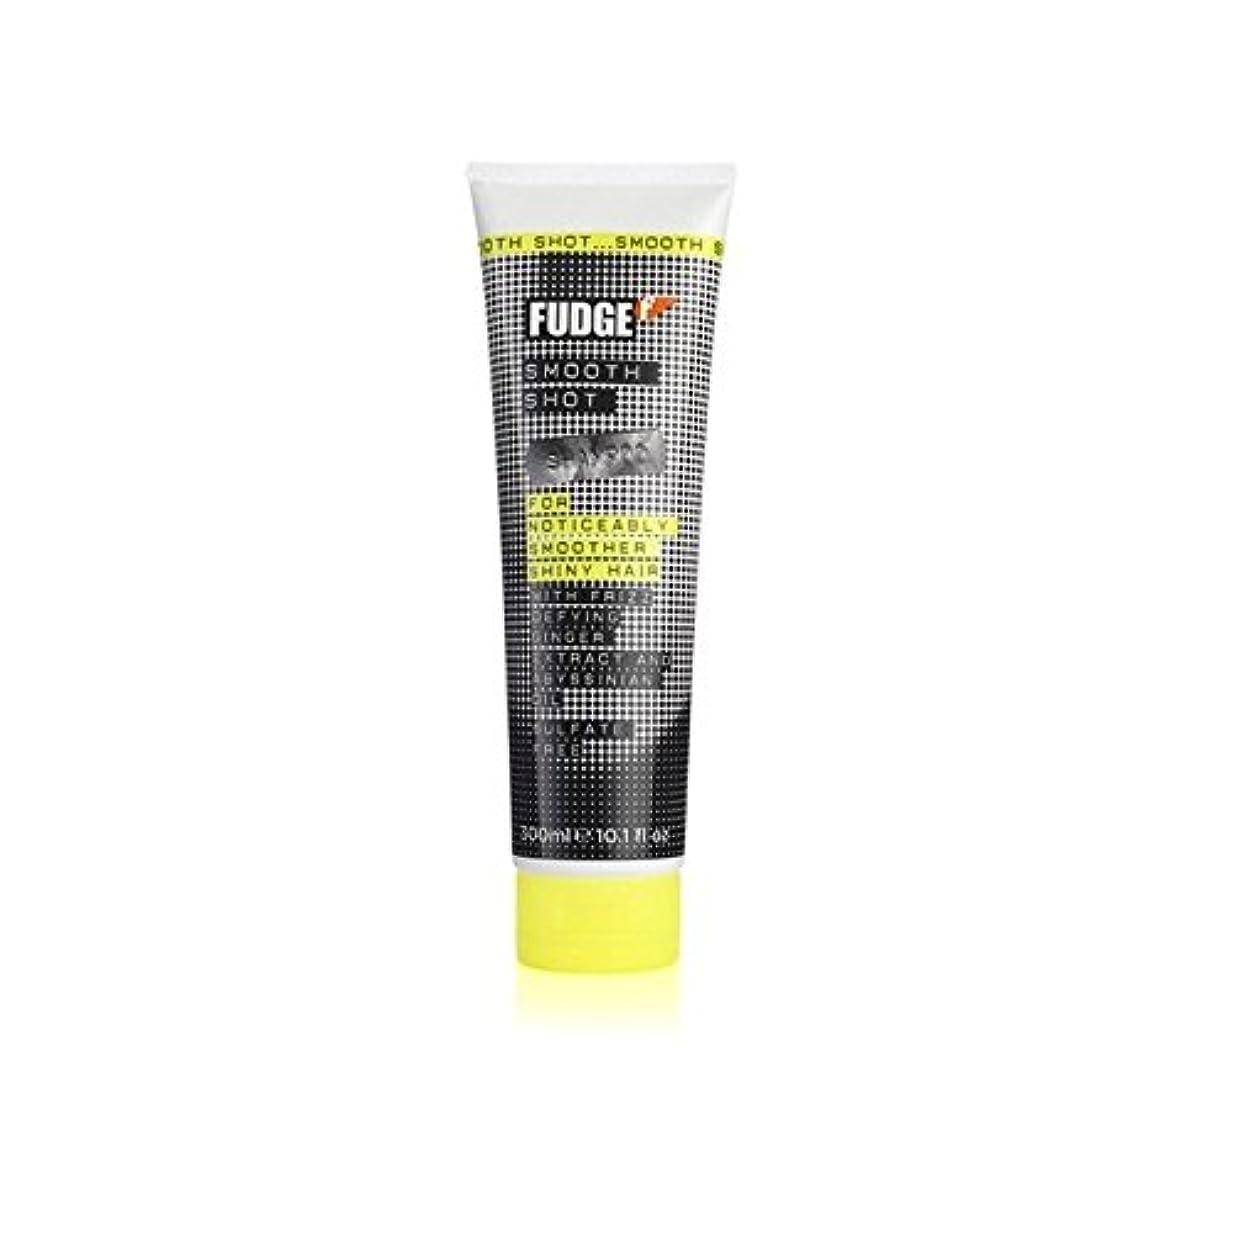 悪性腫瘍経営者振るファッジスムーズなショットシャンプー(300ミリリットル) x2 - Fudge Smooth Shot Shampoo (300ml) (Pack of 2) [並行輸入品]